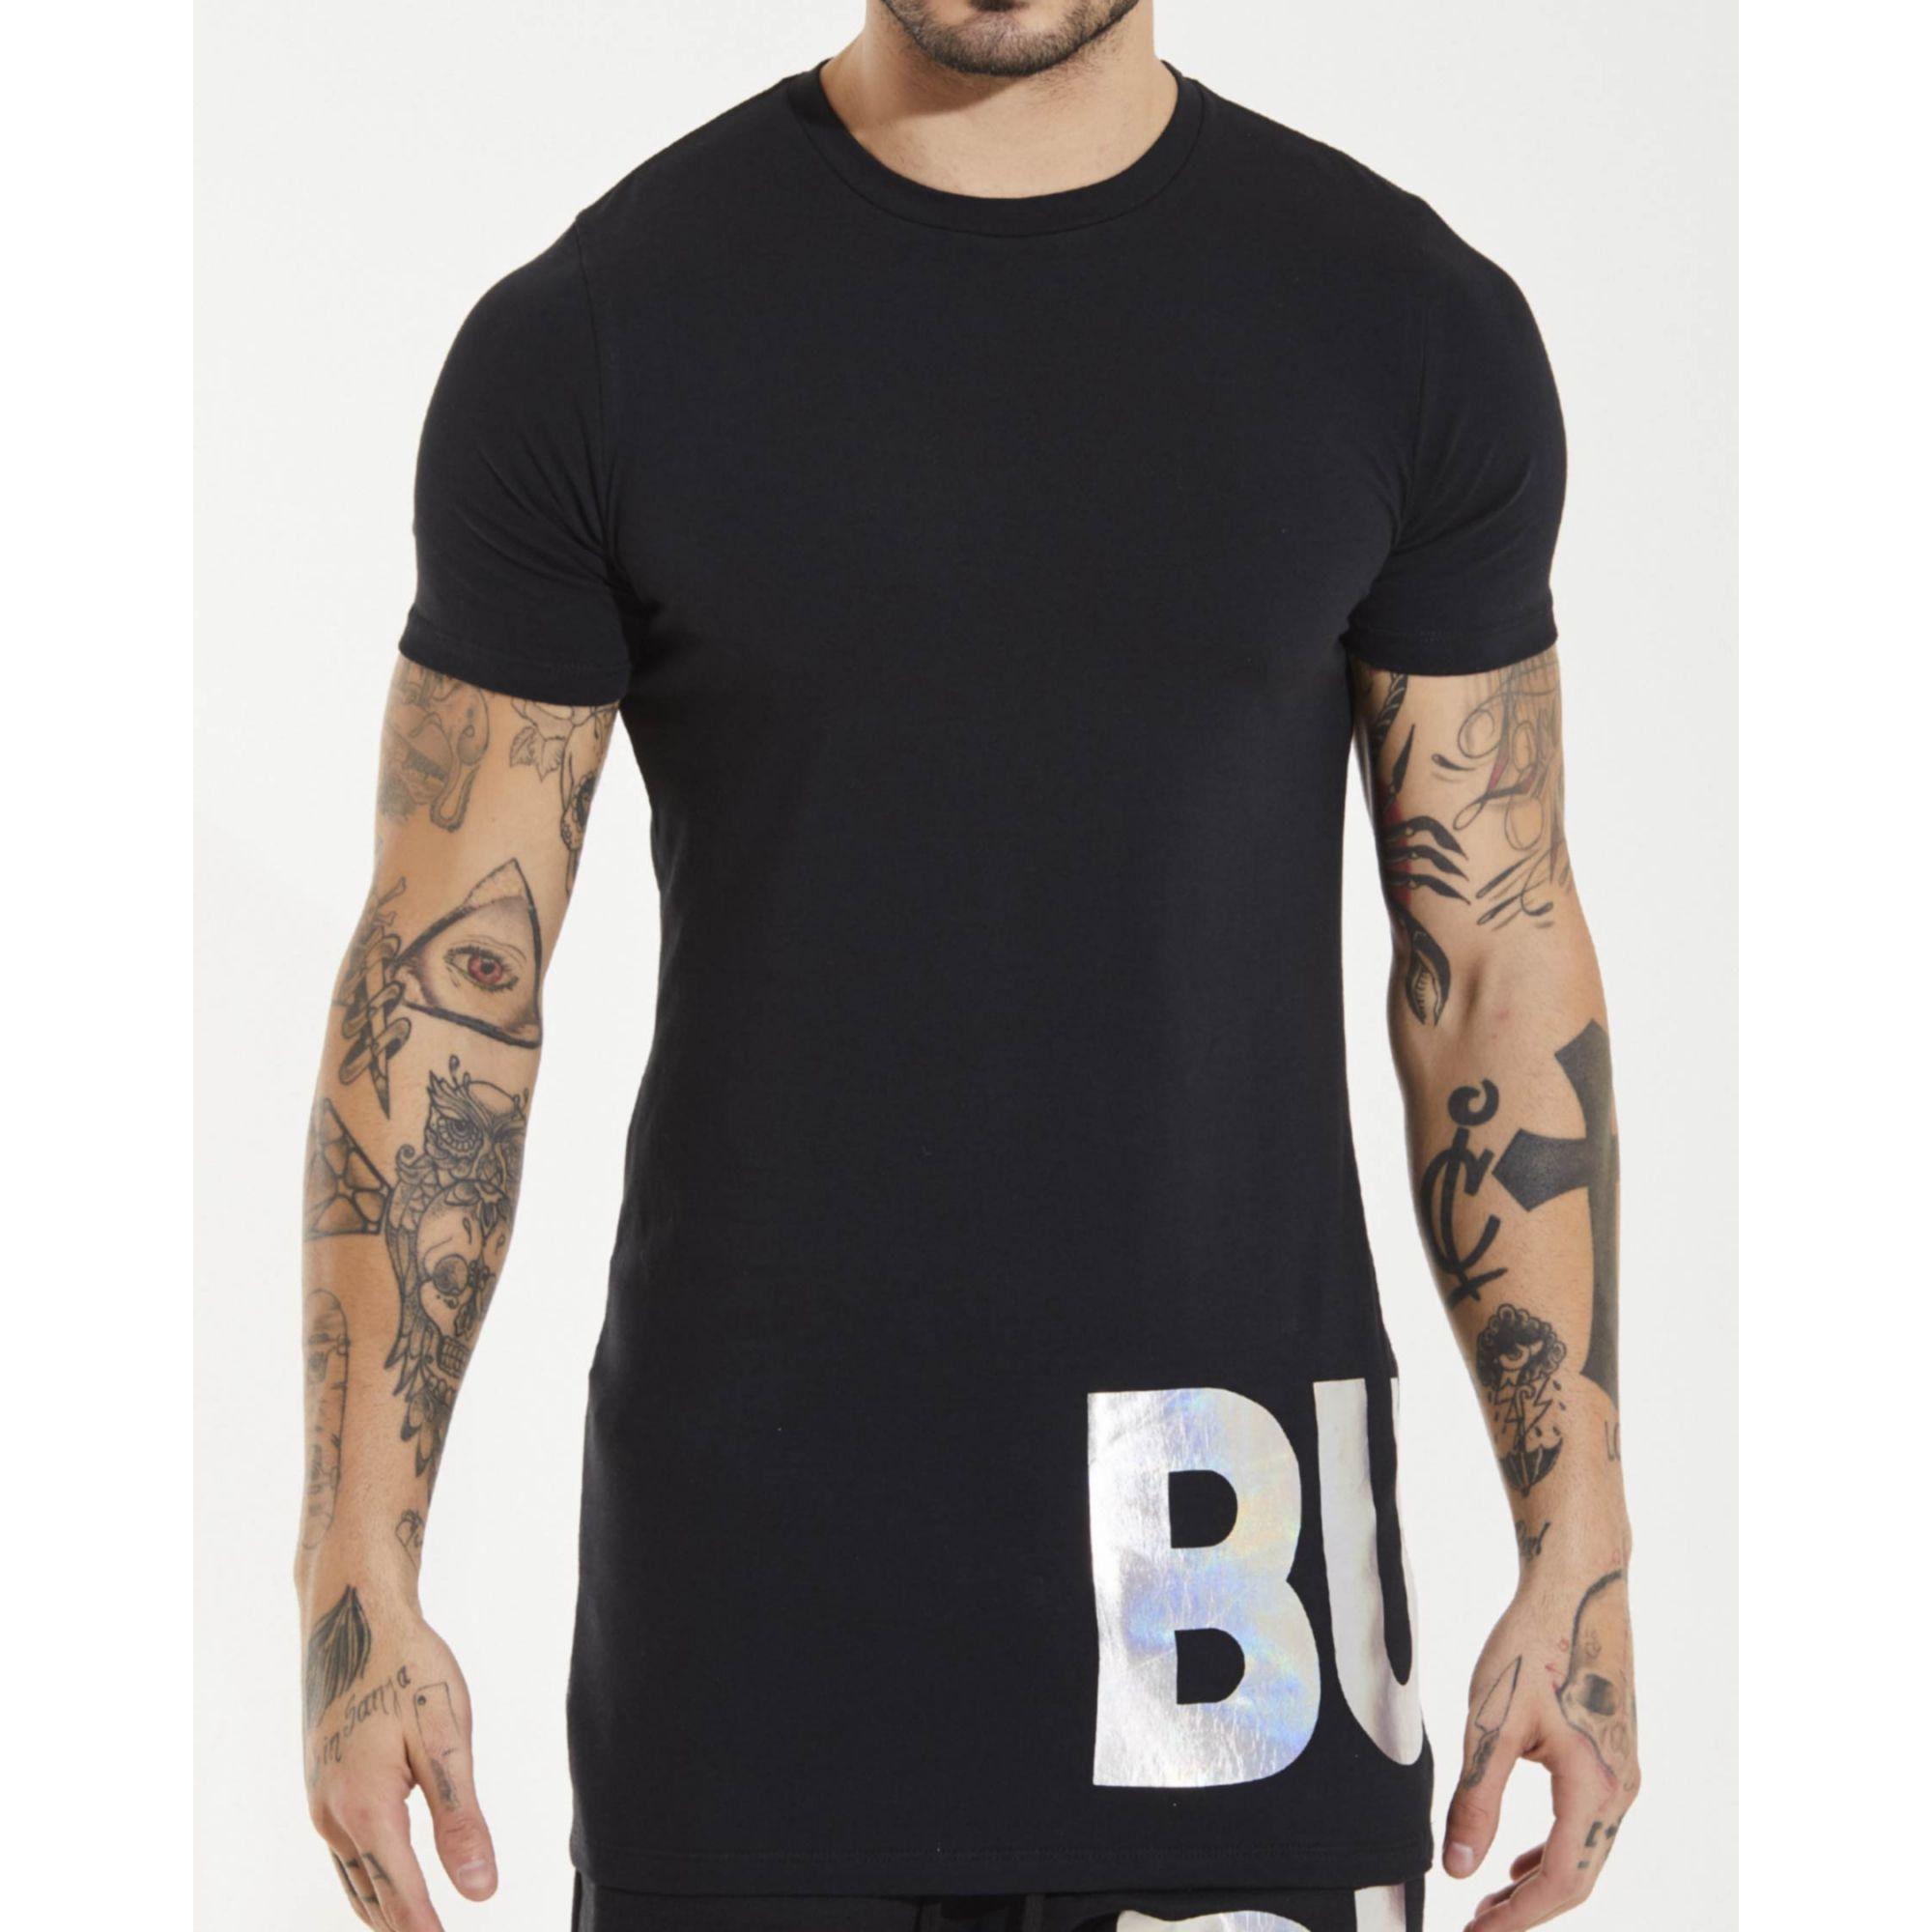 Camiseta Buh Foil Black